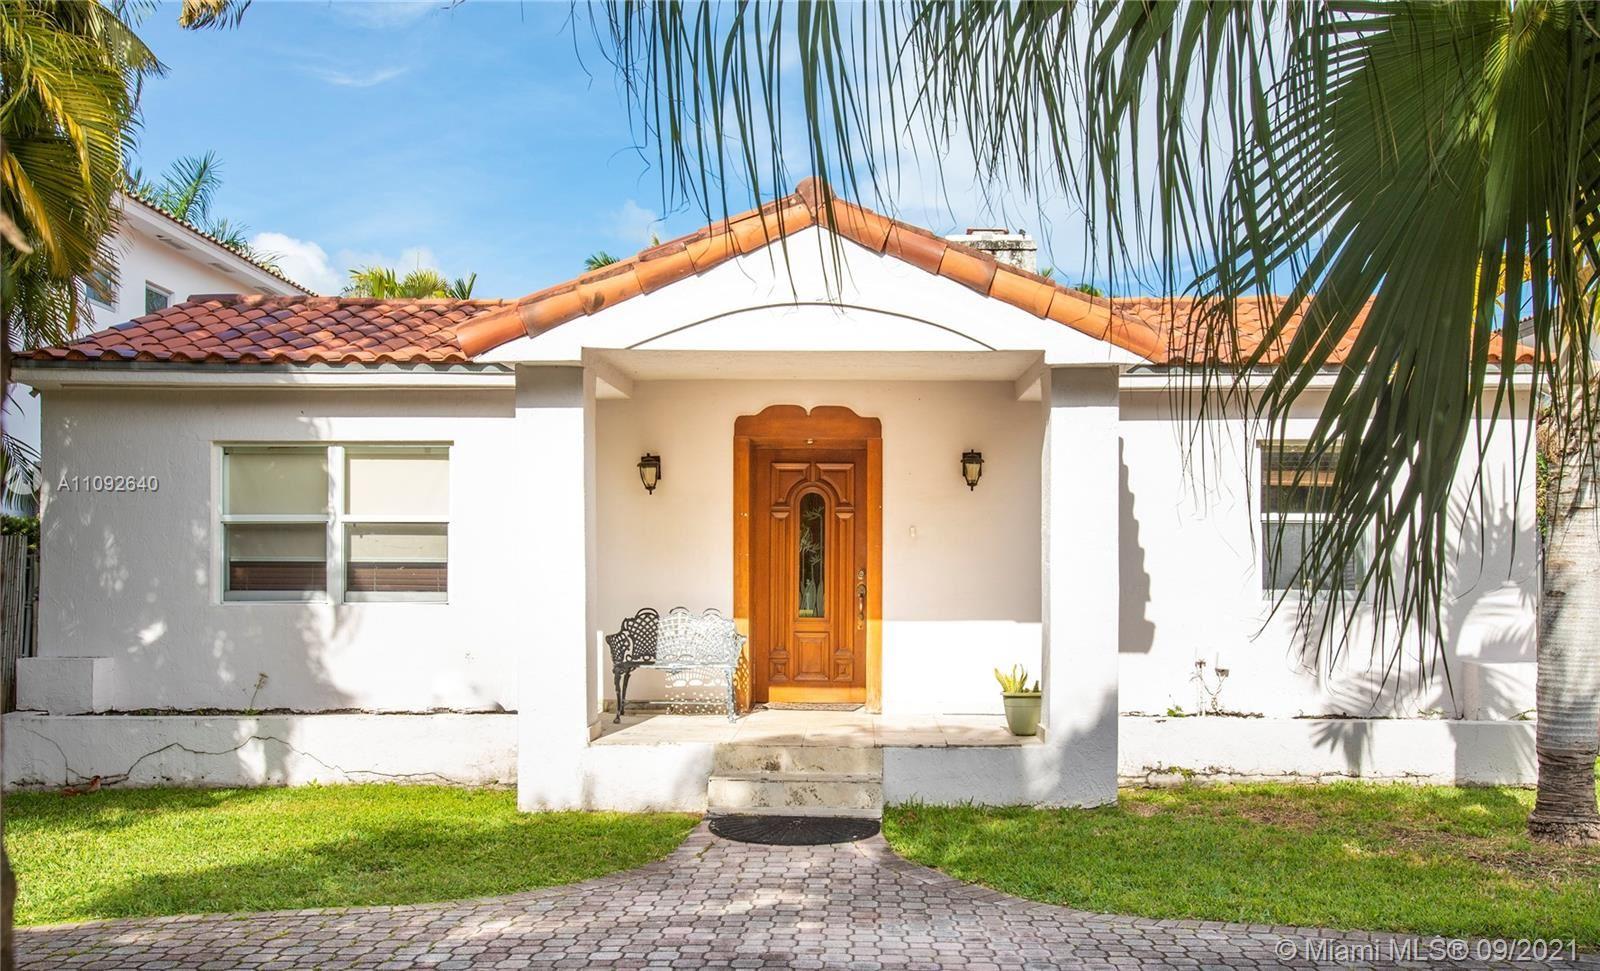 241 Palm Ave, Miami Beach, FL 33139 - #: A11092640